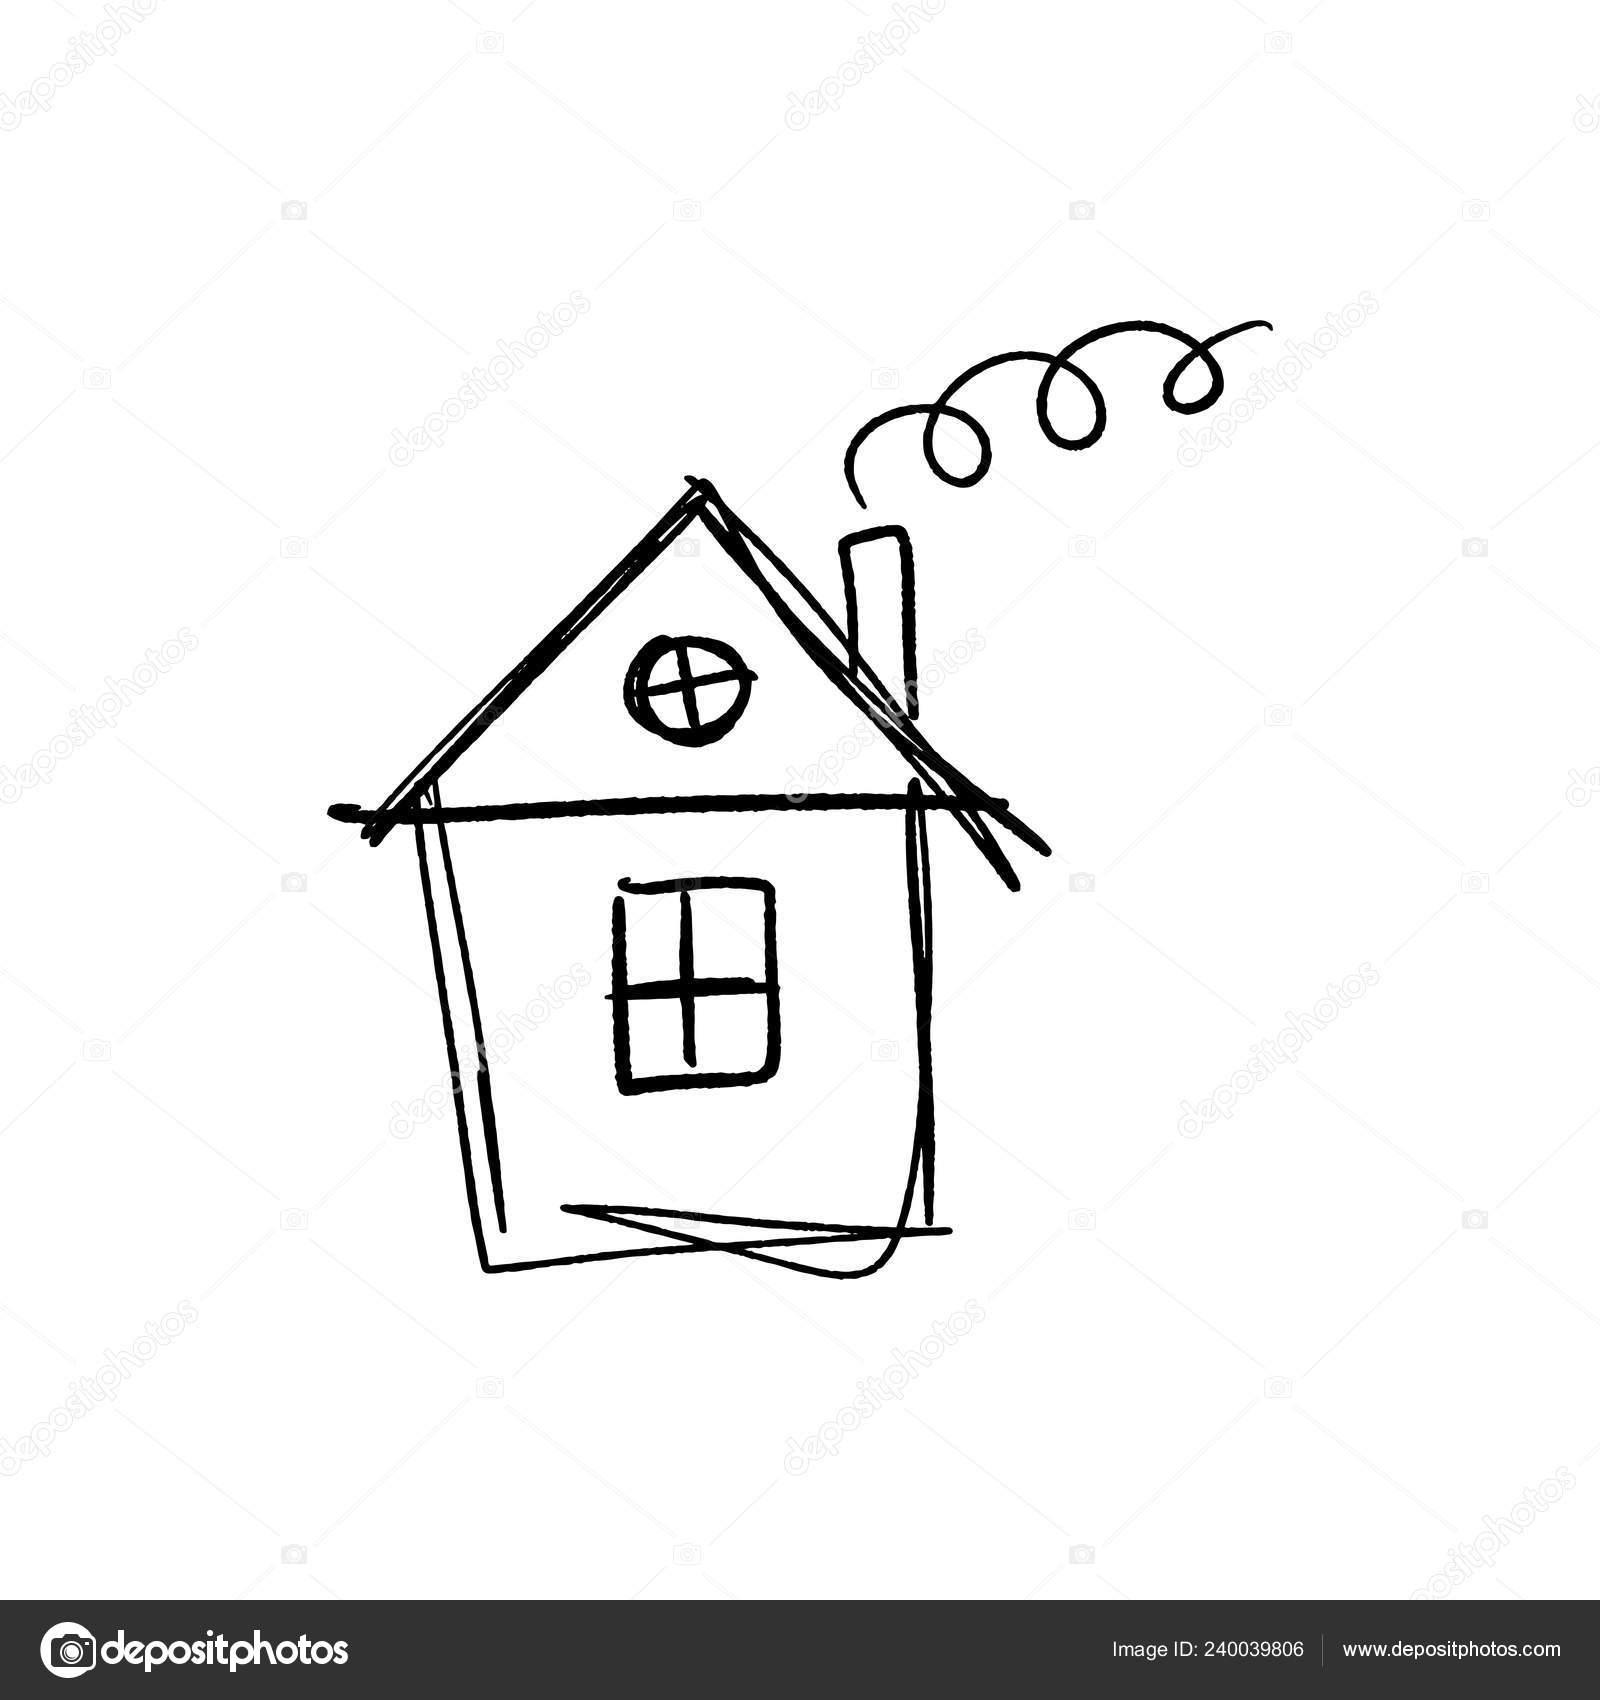 Simple Croquis Petite Maison Style Doodle Dessin Enfant